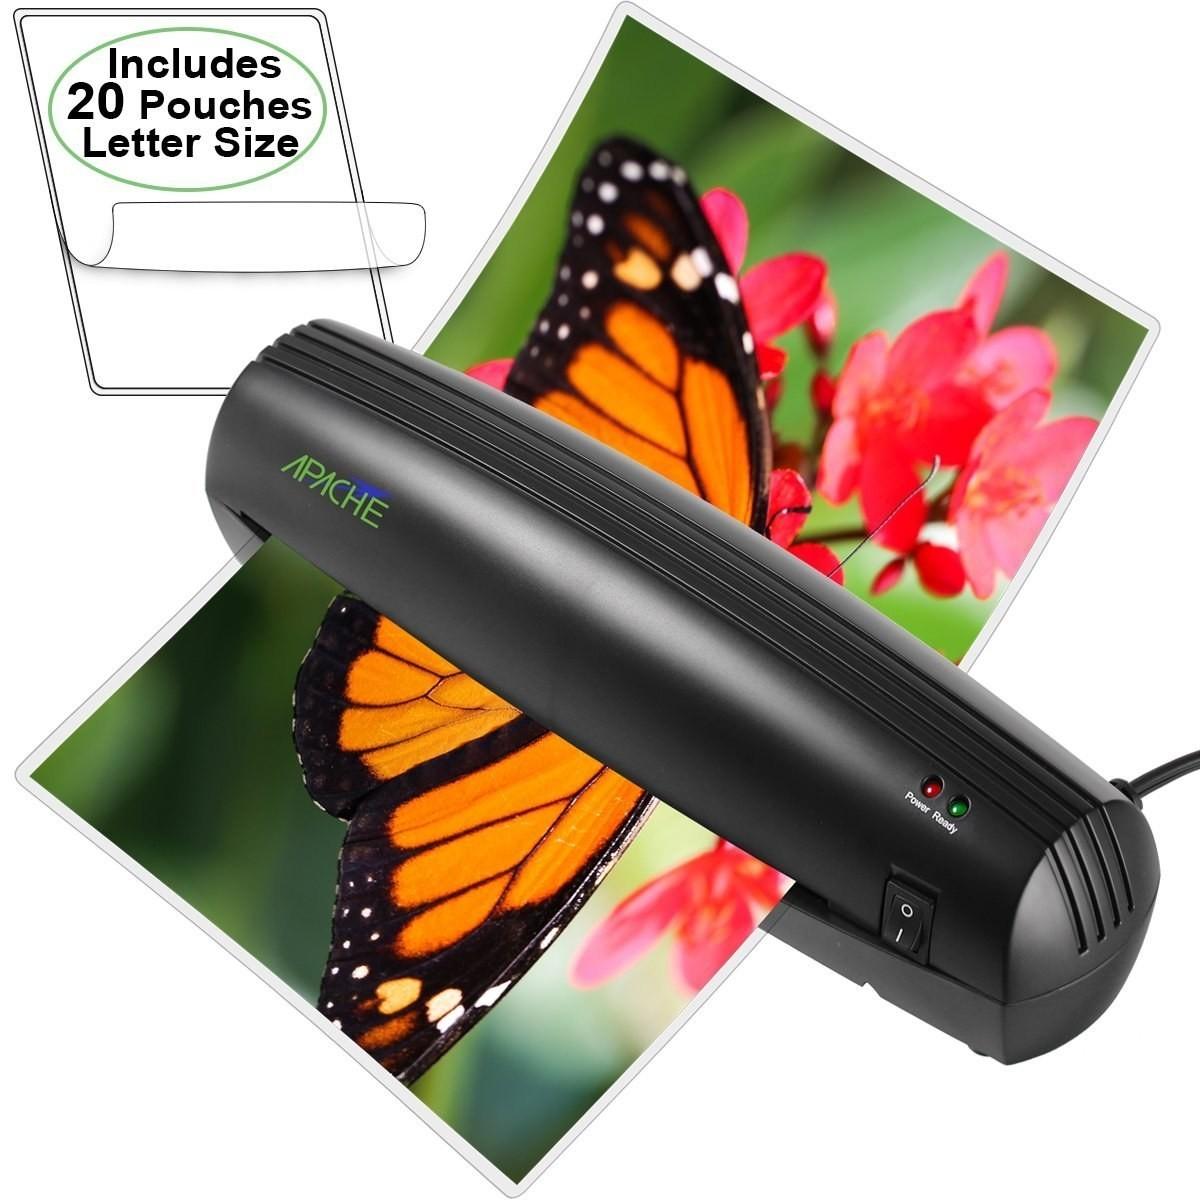 Handheld photo laminator - $14.96